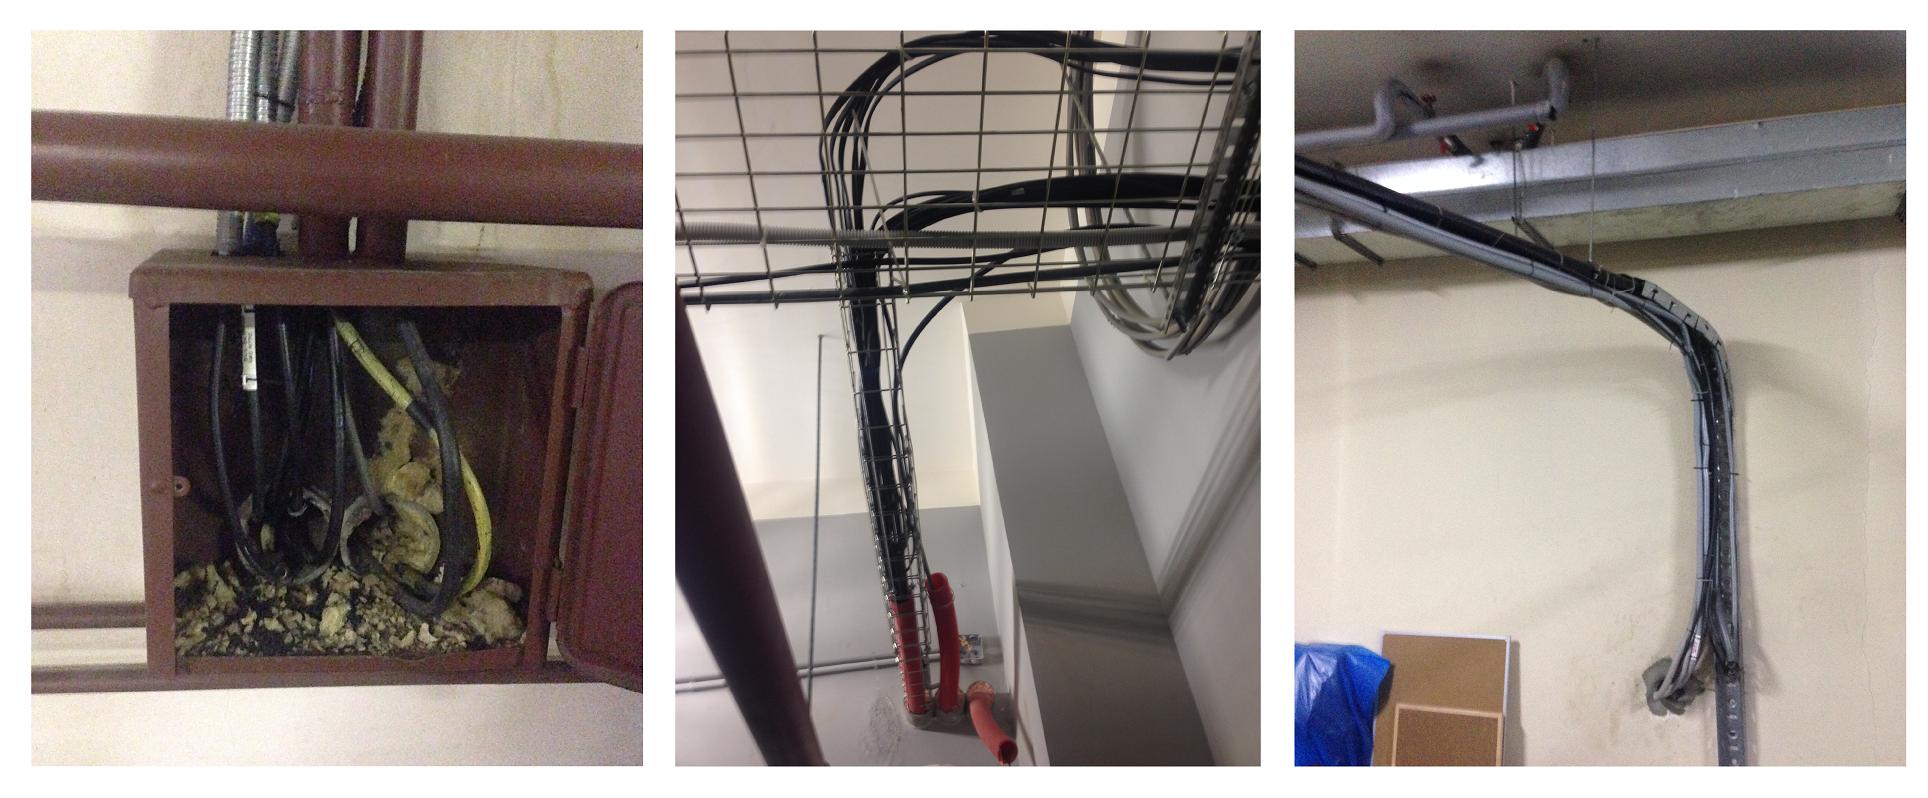 Воздушки, релейки, кабель в окно: как не напороться на провайдера-монополиста в бизнес-центре - 3